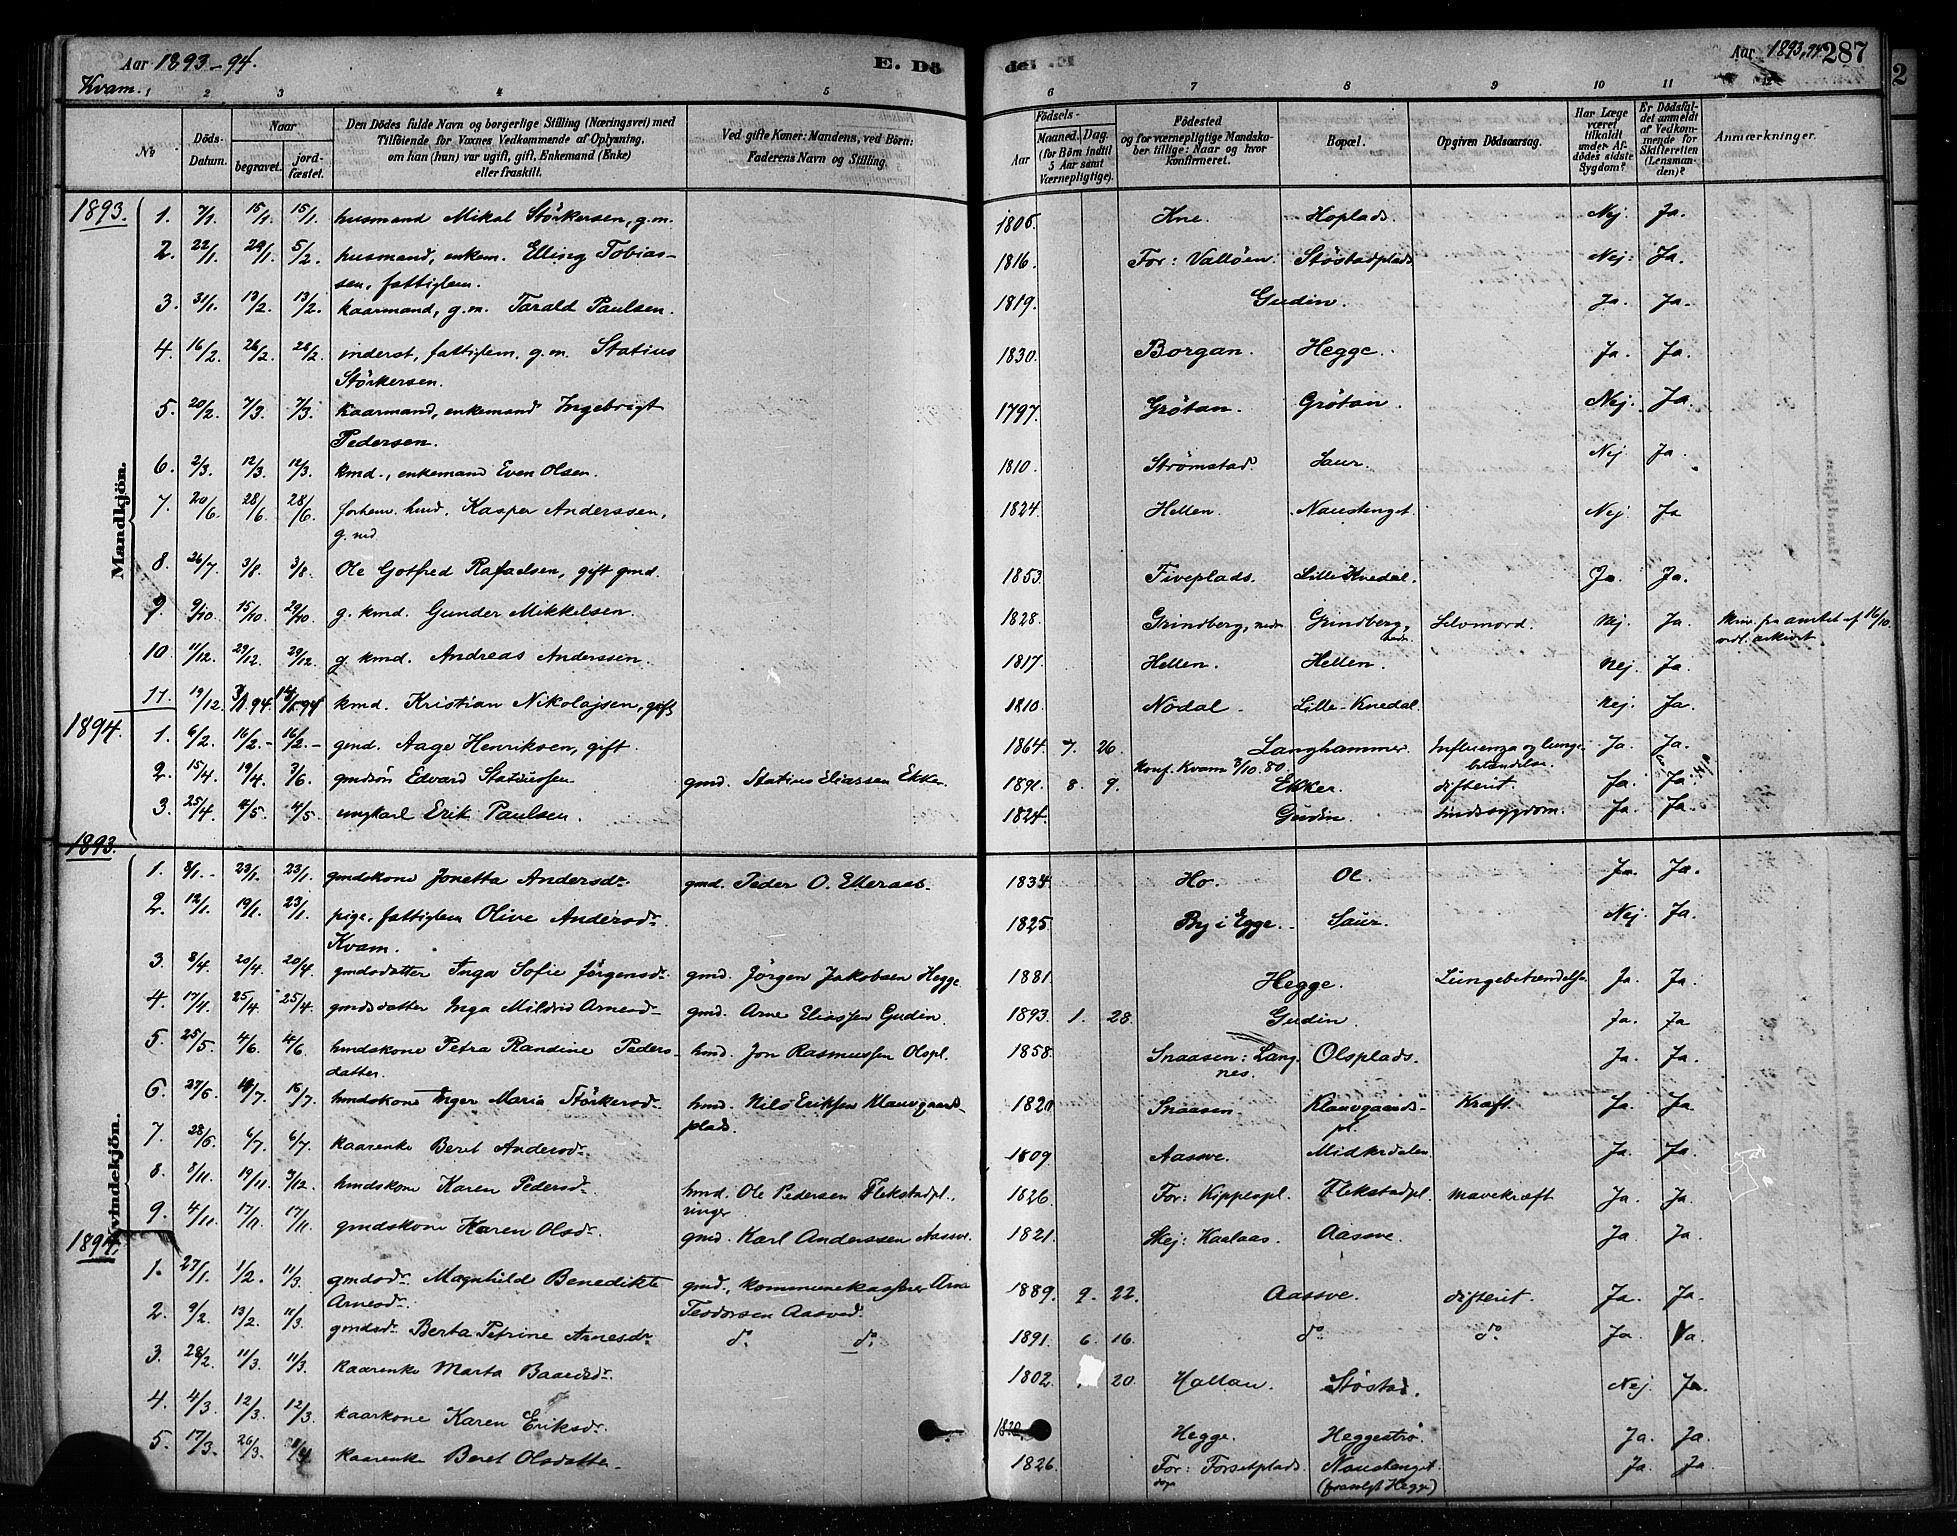 SAT, Ministerialprotokoller, klokkerbøker og fødselsregistre - Nord-Trøndelag, 746/L0449: Ministerialbok nr. 746A07 /2, 1878-1899, s. 287